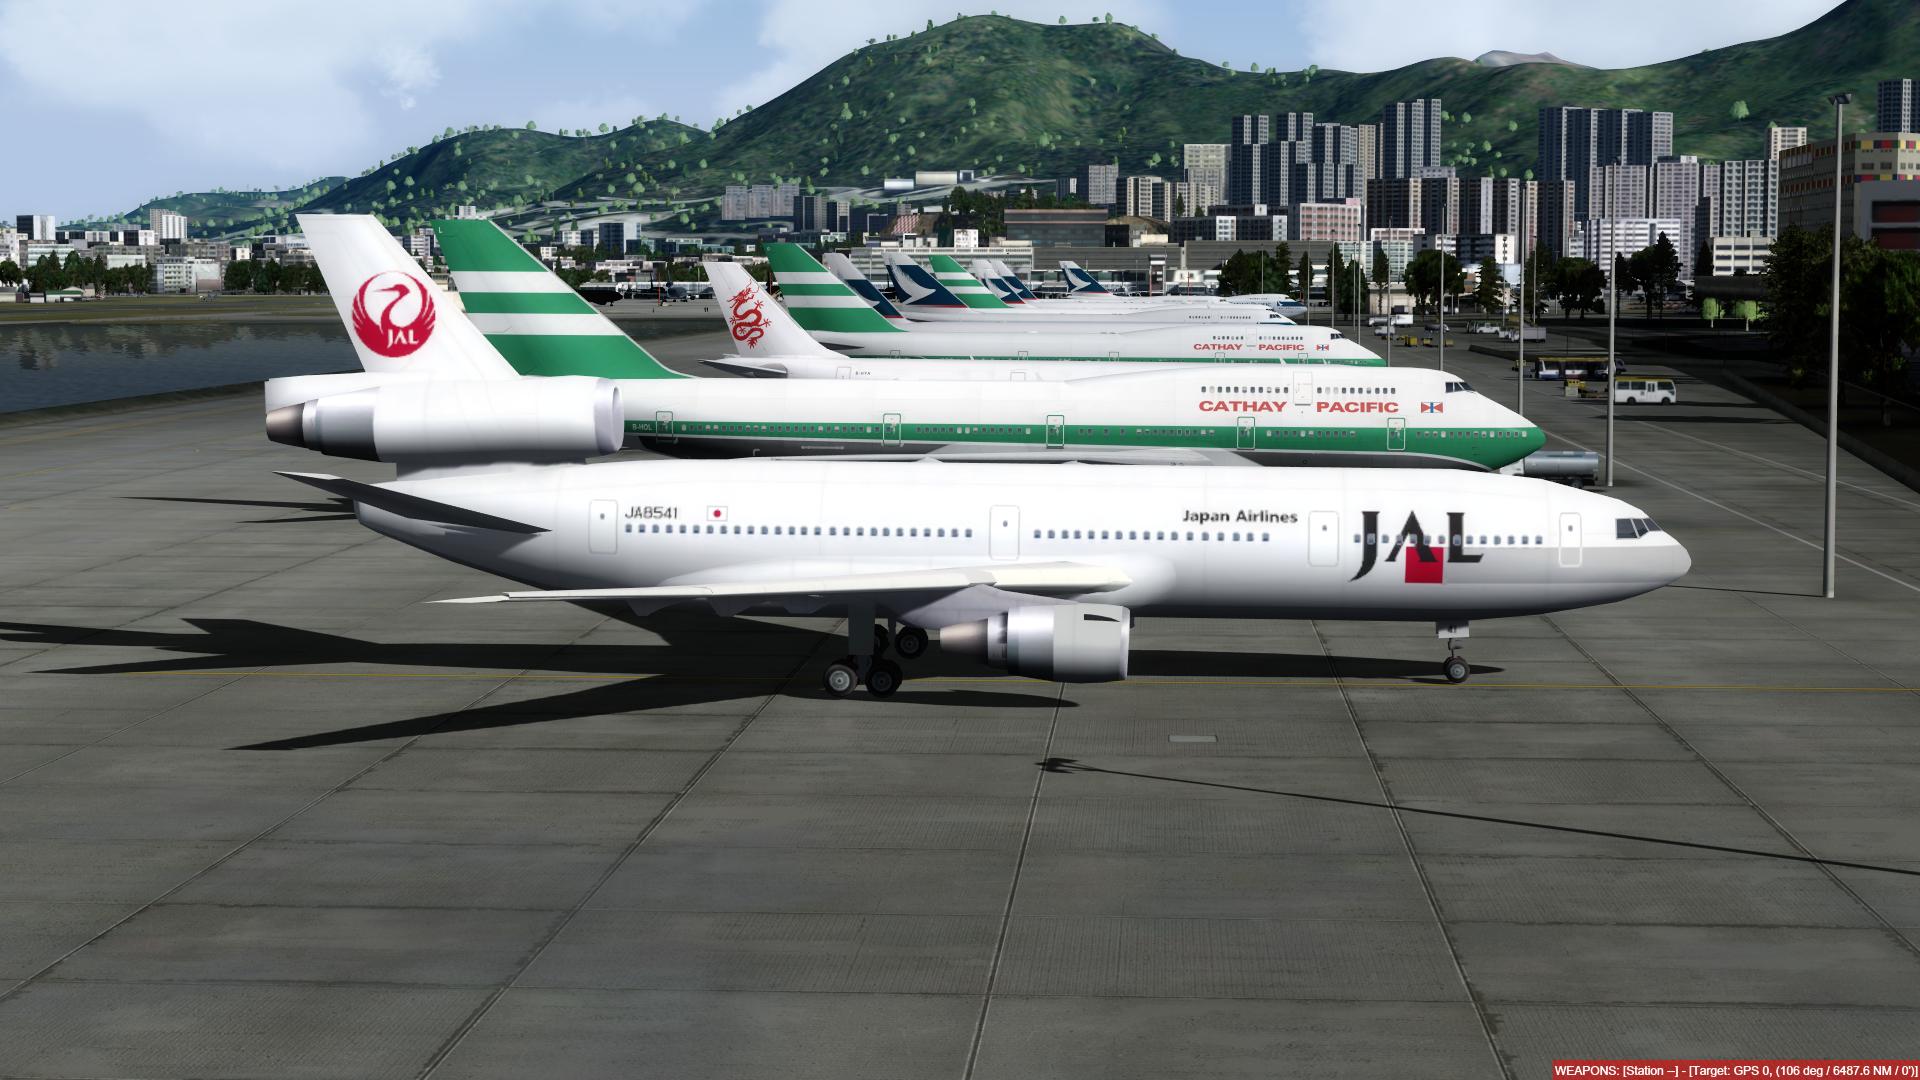 aeroporto - O dia a dia em Hong Kong Kai Tak - O aeroporto mais emocionante do mundo! P3D V4.4 - Só trafego AI. Captura-de-Tela-248